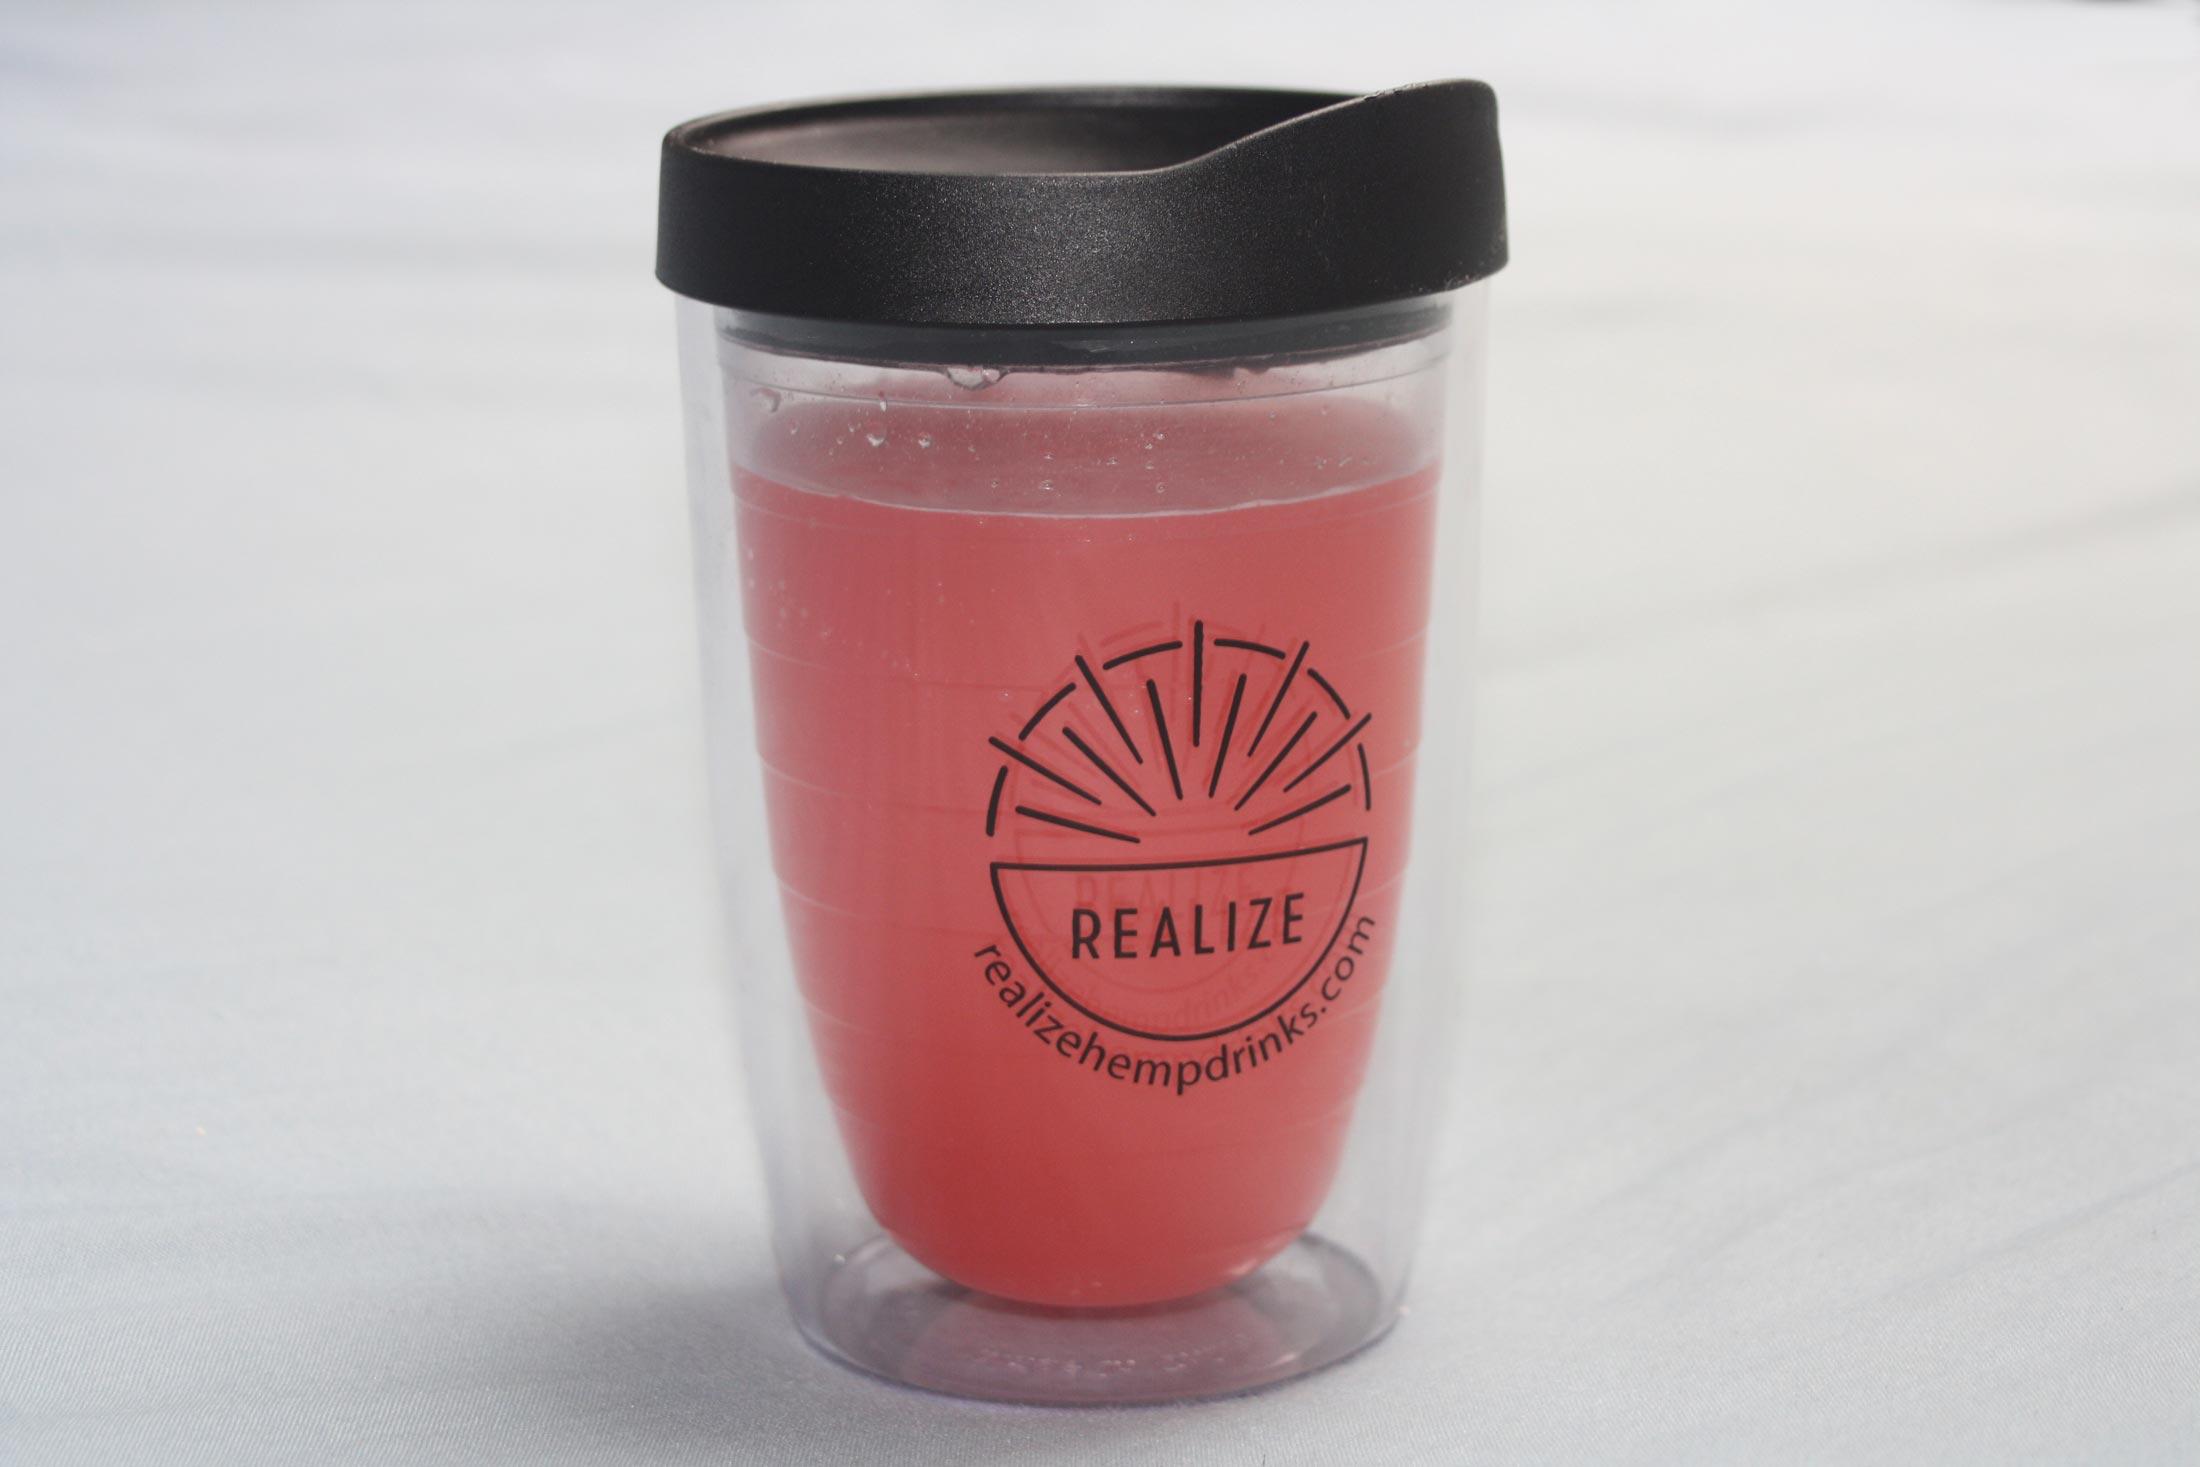 realize hemp raspberry CBD isolate powder drink